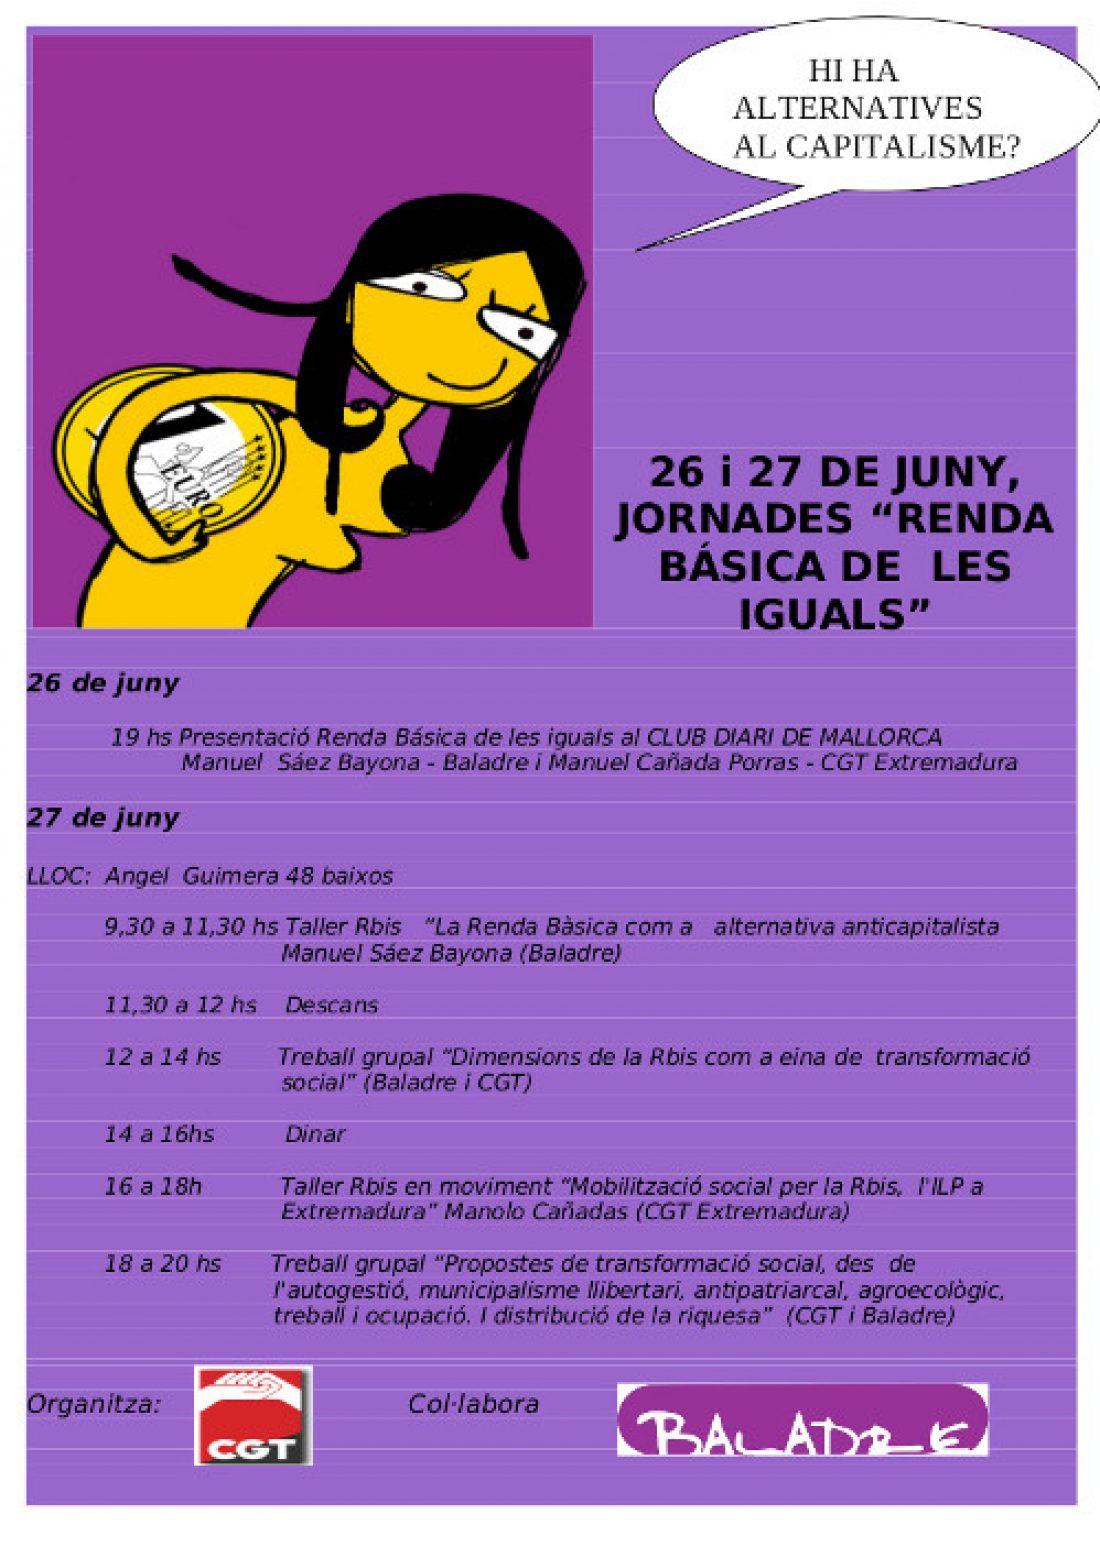 Hay alternativas al capitalismo?. 26 y 27 de junio en Mallorca. Jornadas Renta Básica de las Iguales